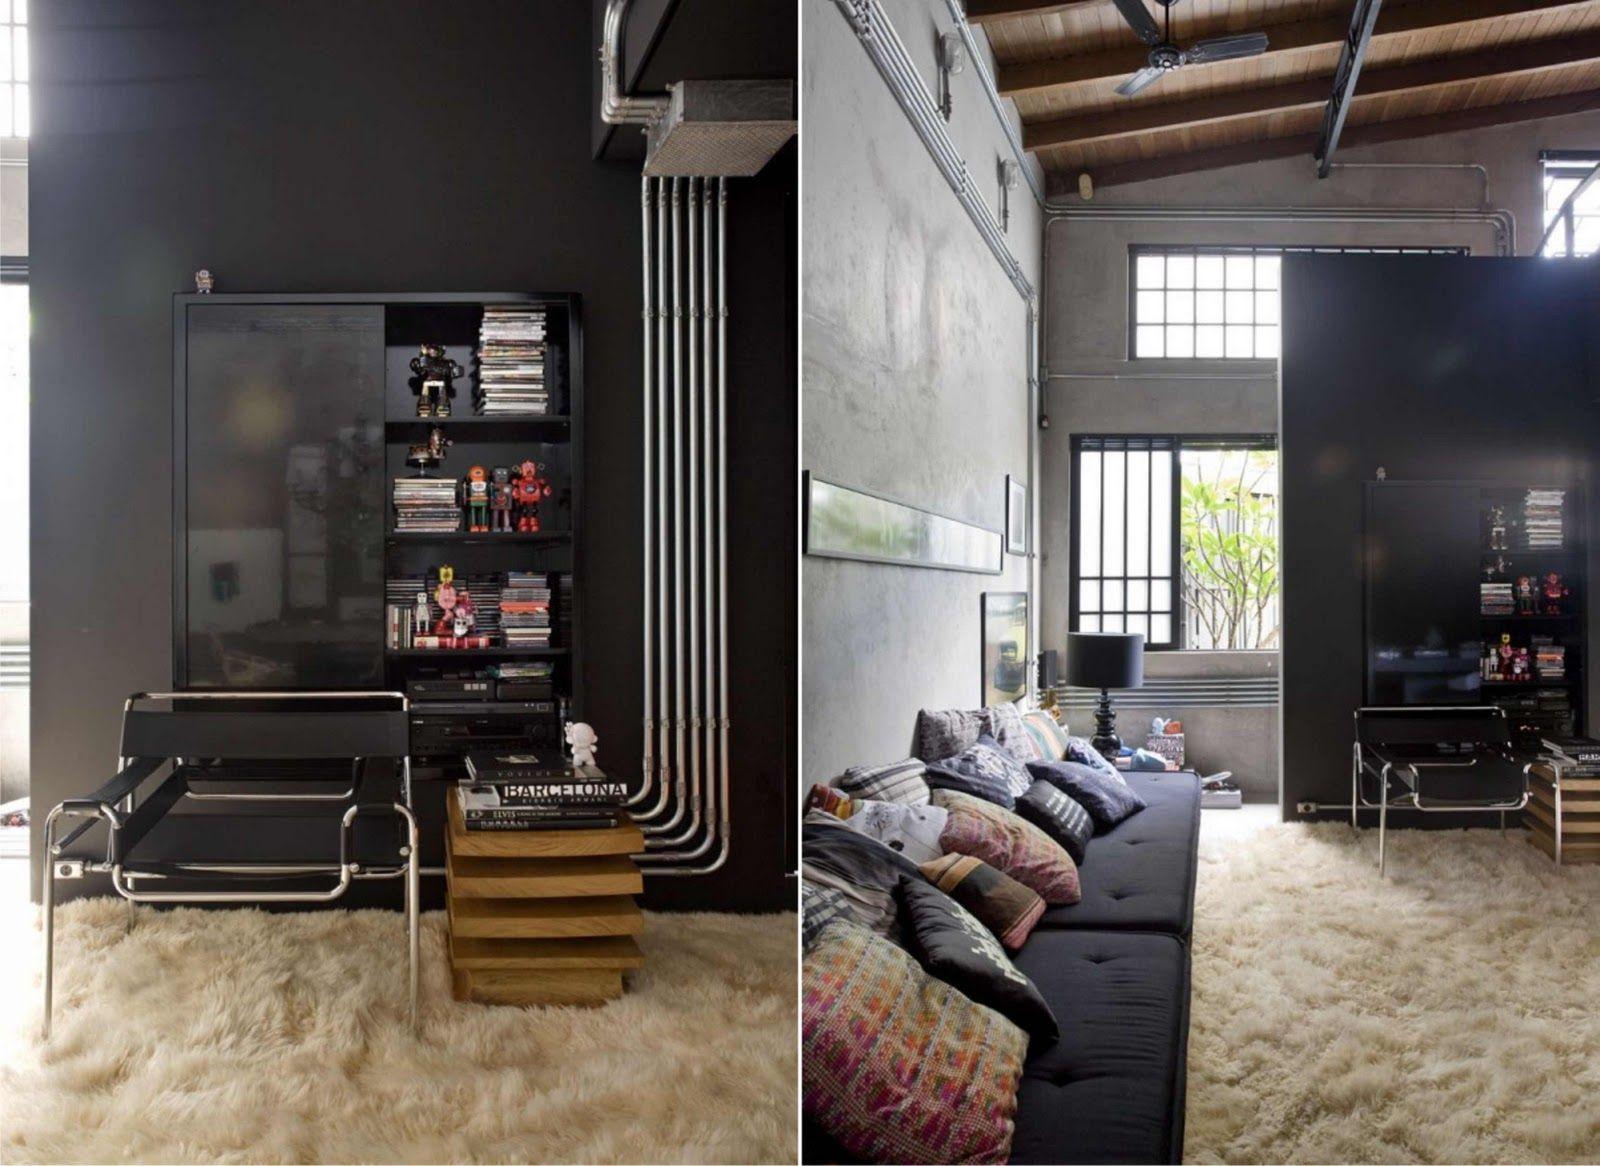 Brutalismo arquitectura interior instalaciones buscar con google espacii libre pinterest - Arquitectura interior ...